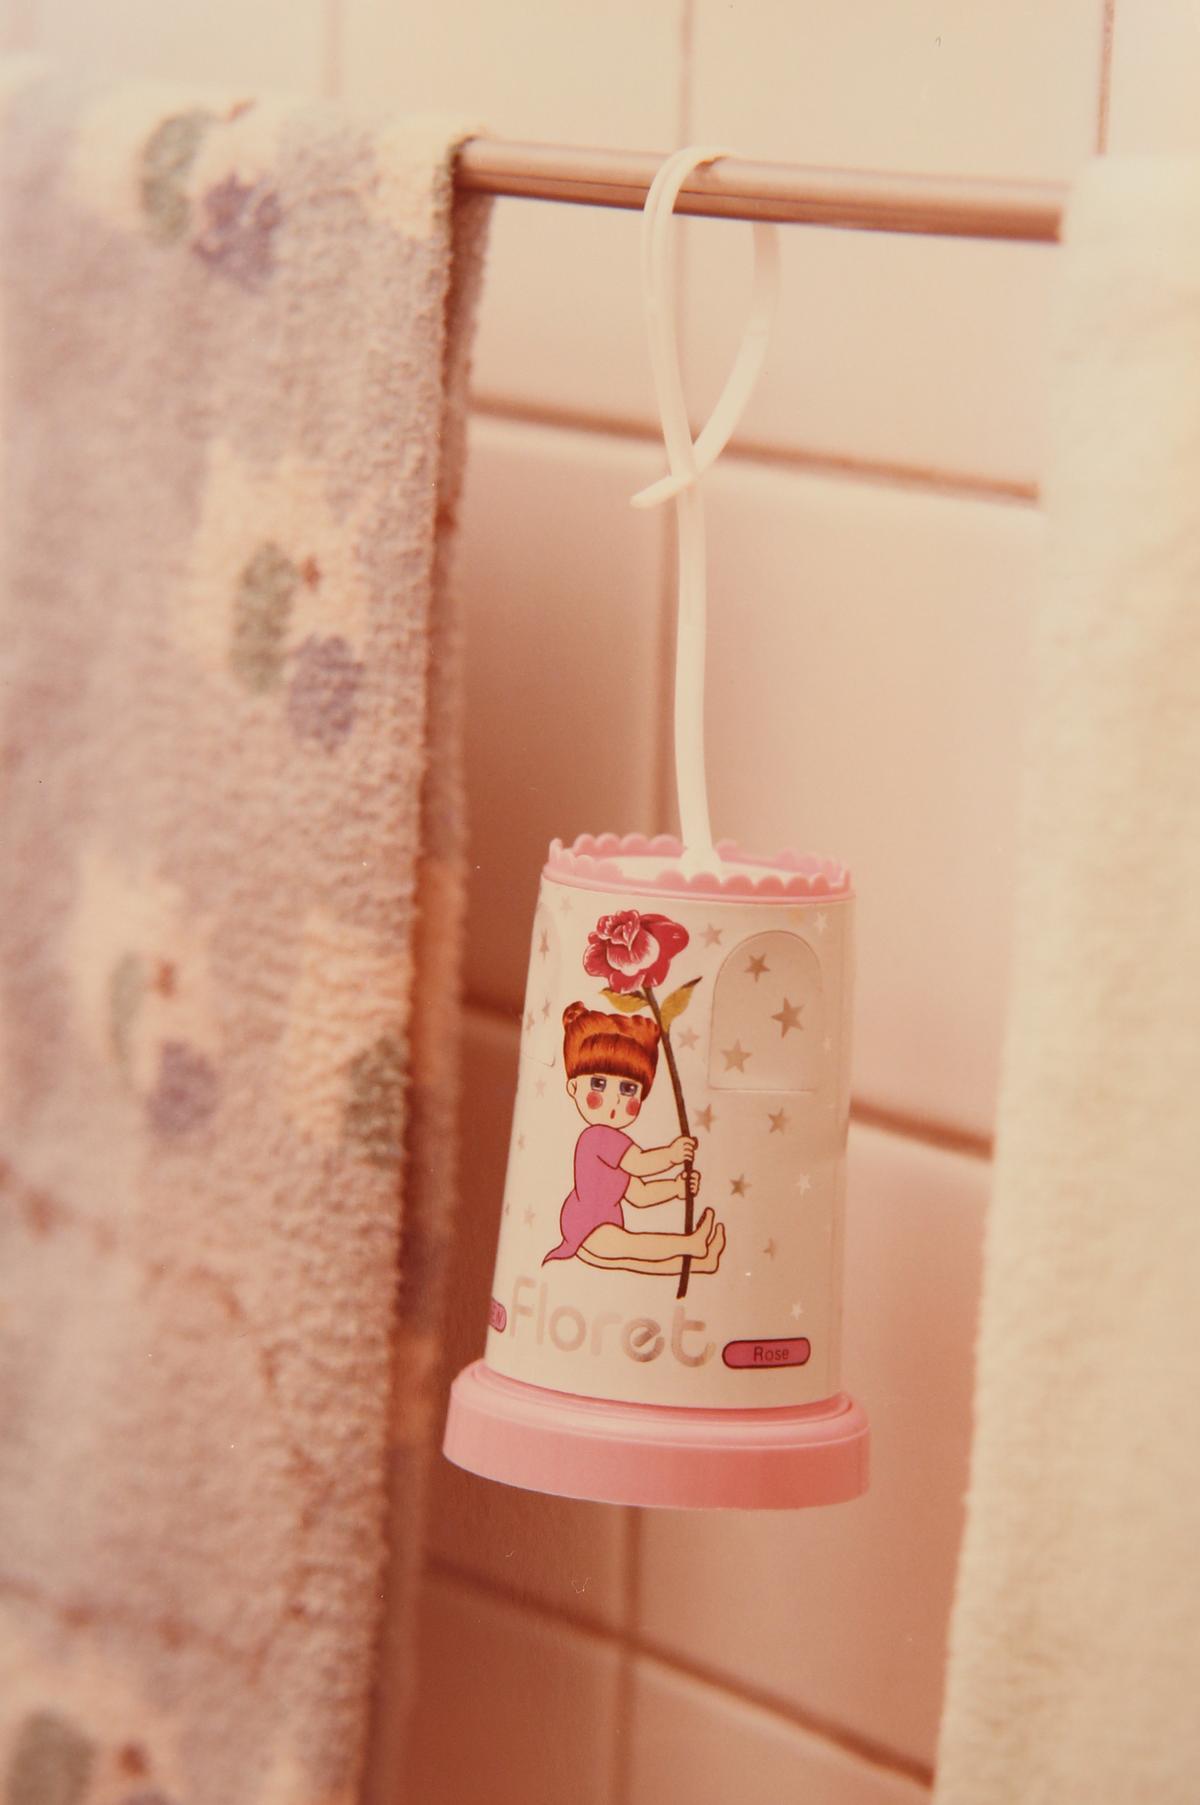 花仙子早期芳香劑商品,設計逗趣可愛。(花仙子提供)